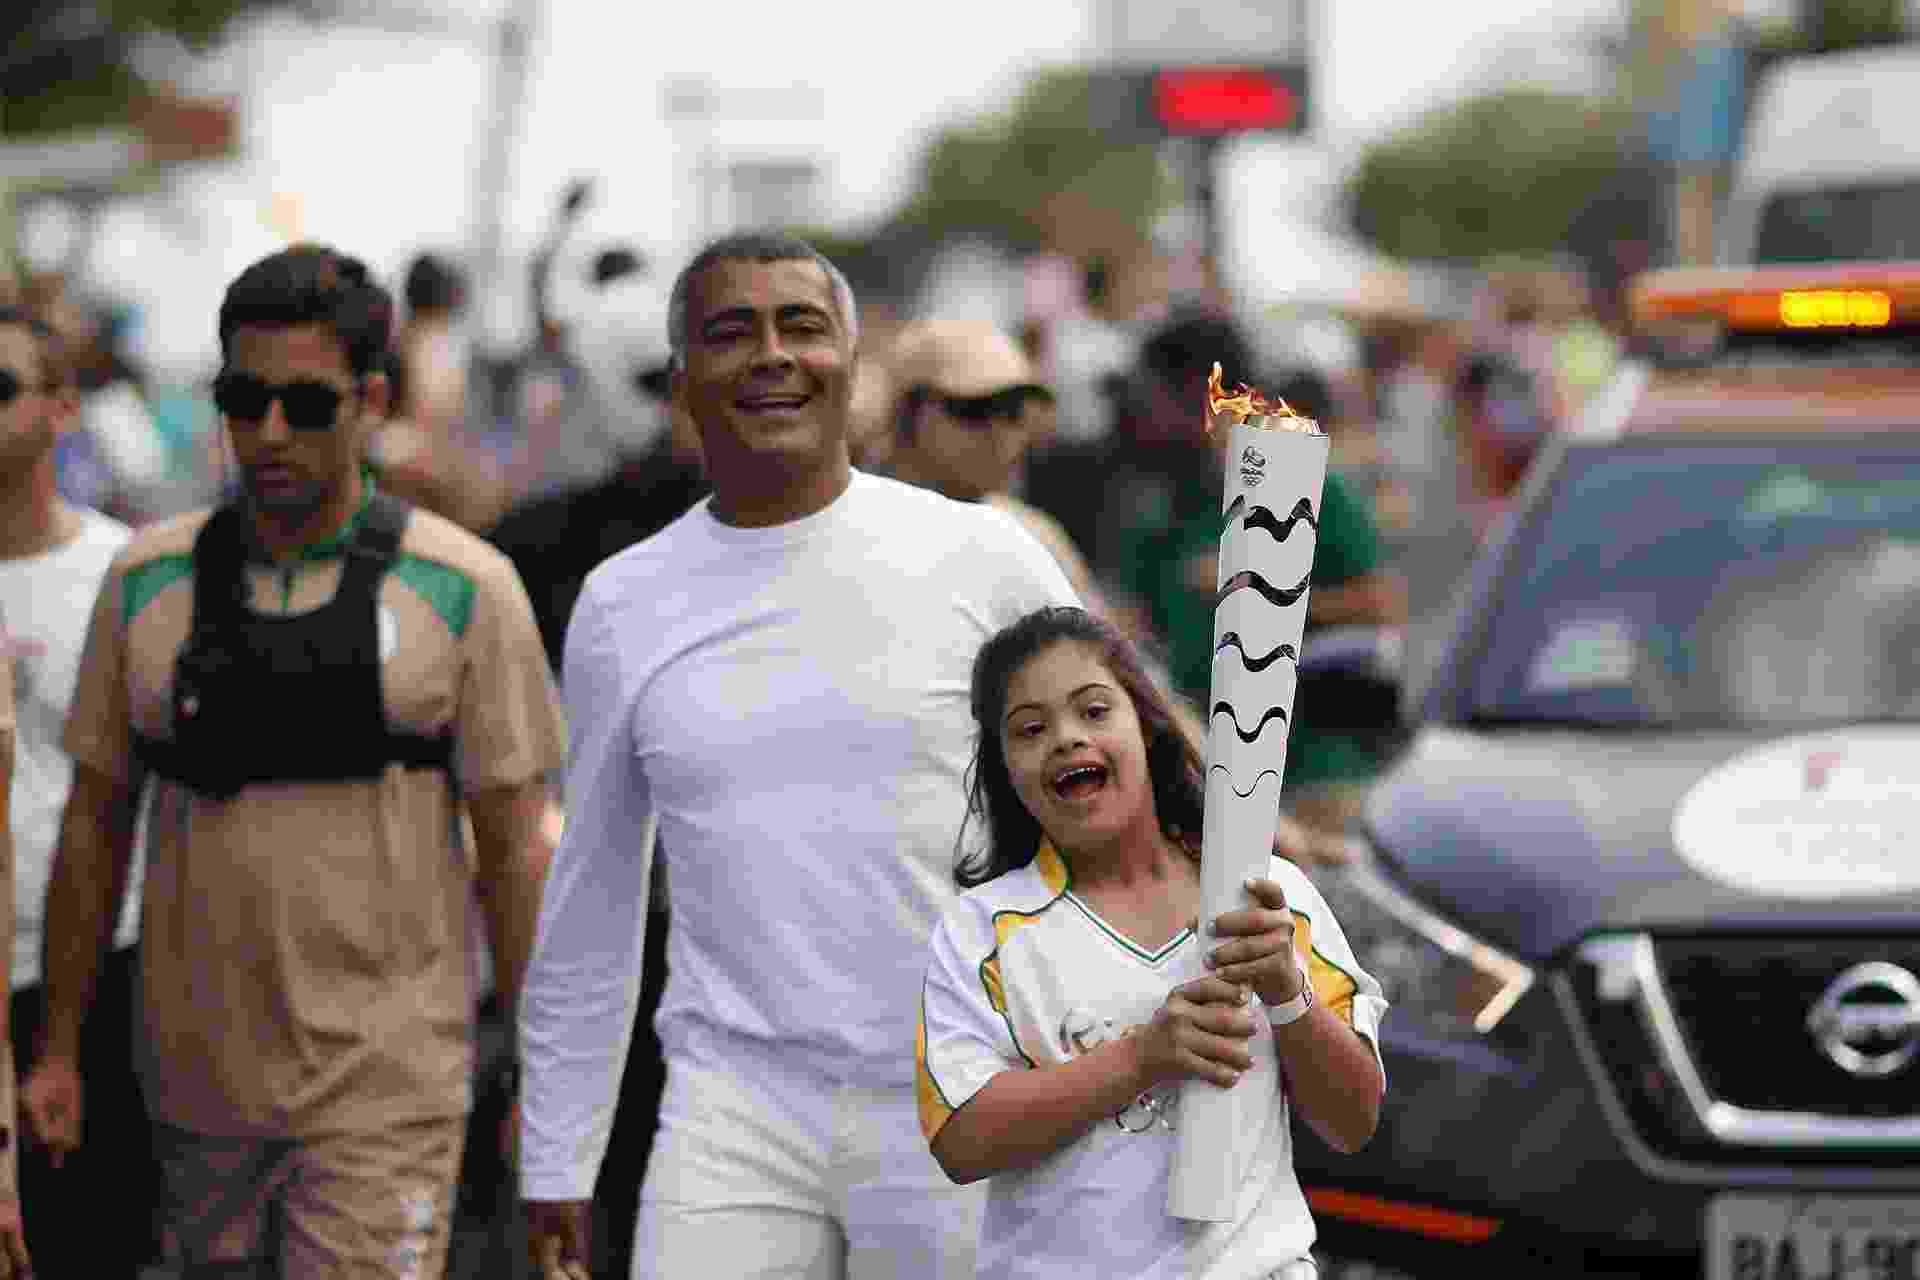 Rio de Janeiro - Romário e sua filha Ivy, que tem síndrome de Down, exibem a tocha olímpica no Rio de Janeiro - Rio 2016/André Luiz Mello